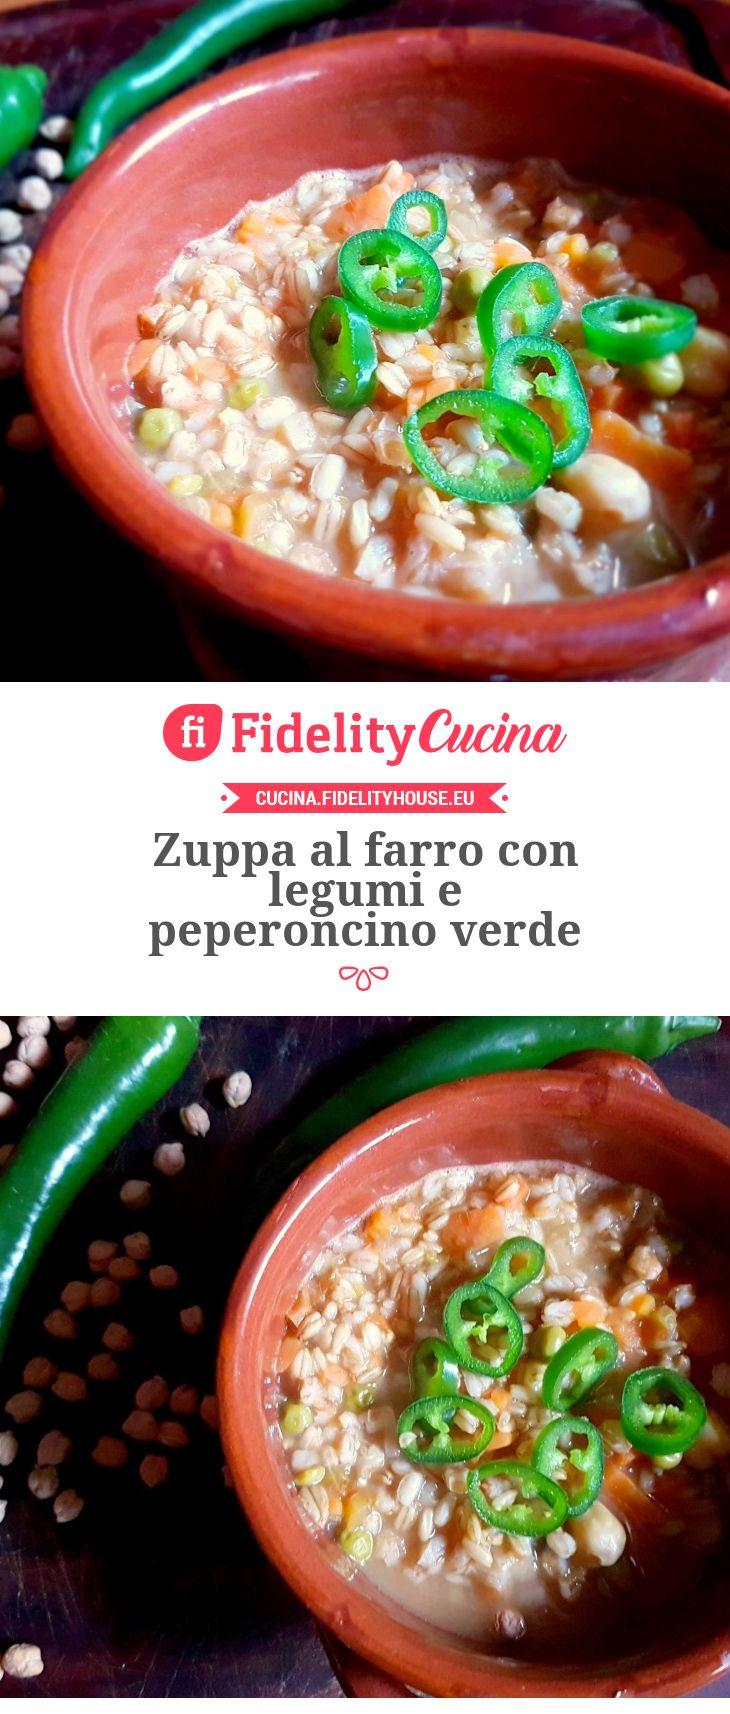 Zuppa al farro con legumi e peperoncino verde